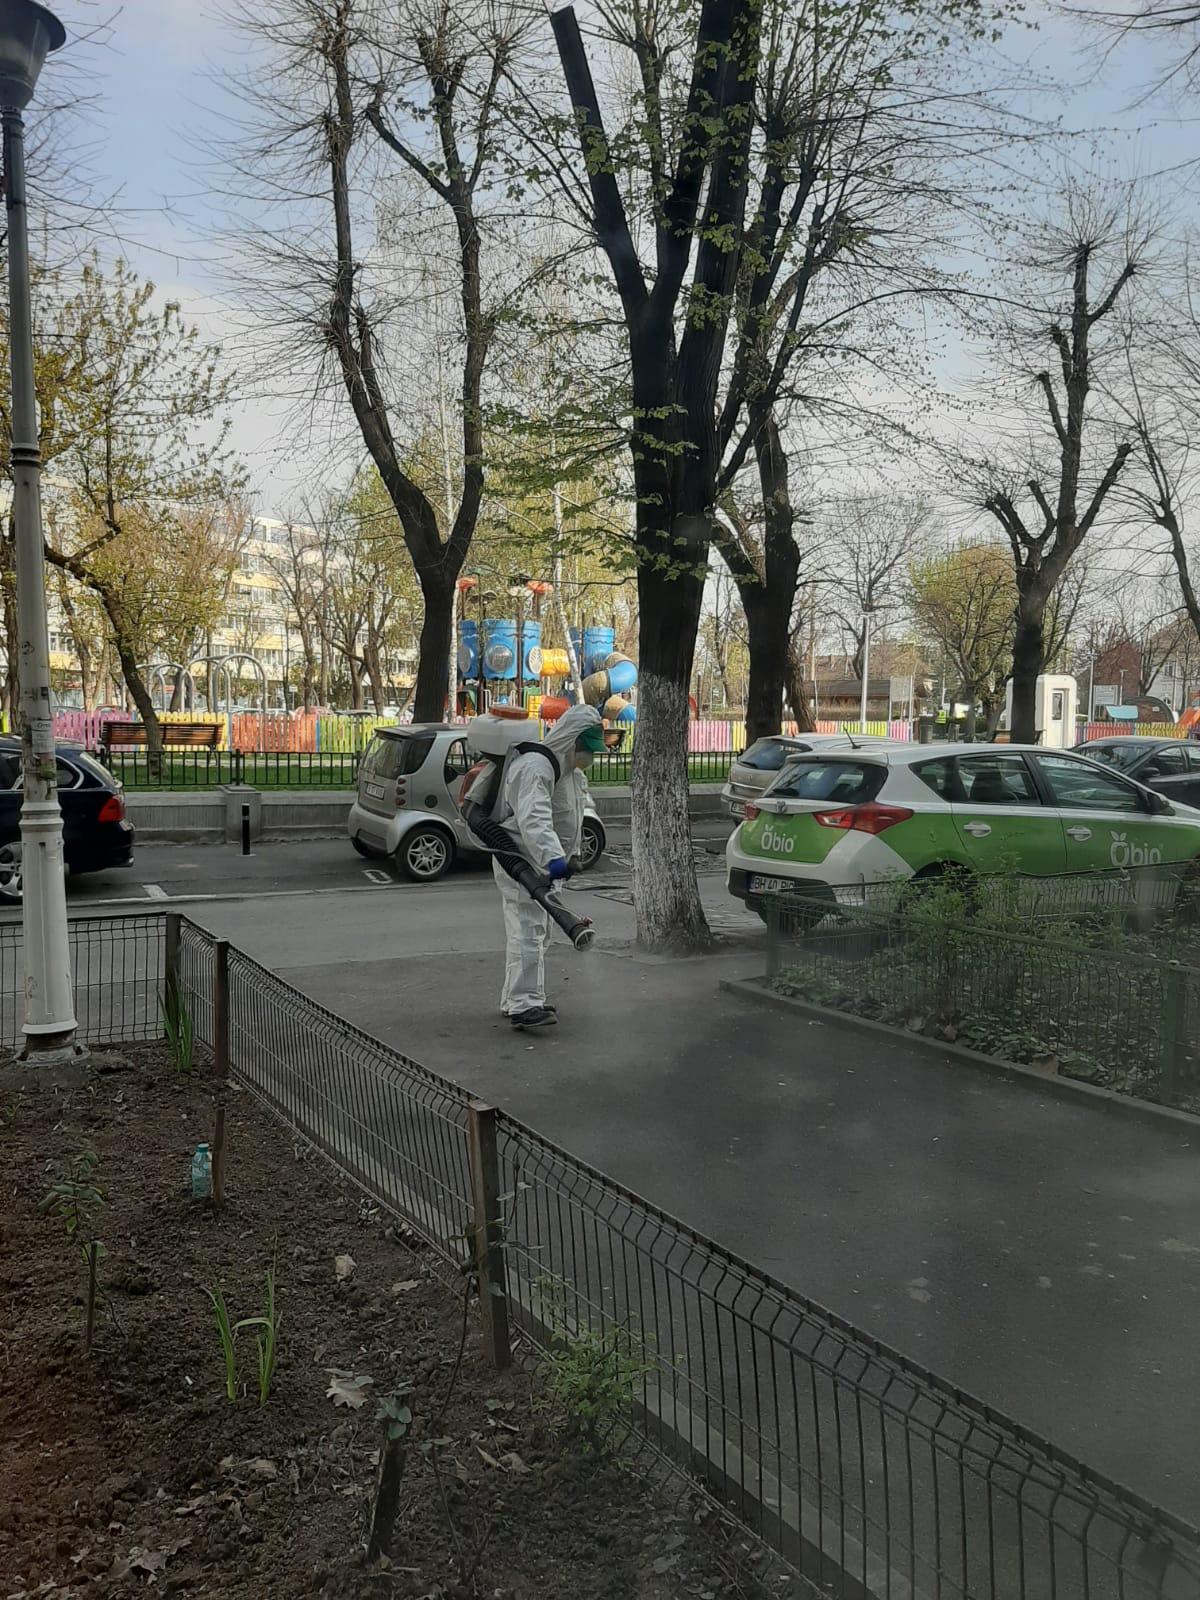 """Sectorul 2: dezinfectare străzilor și clădirilor din zona Parcul """"Titus Ozon"""" - Gara Obor. - Baicului. Sursa foto: arhiva personală"""